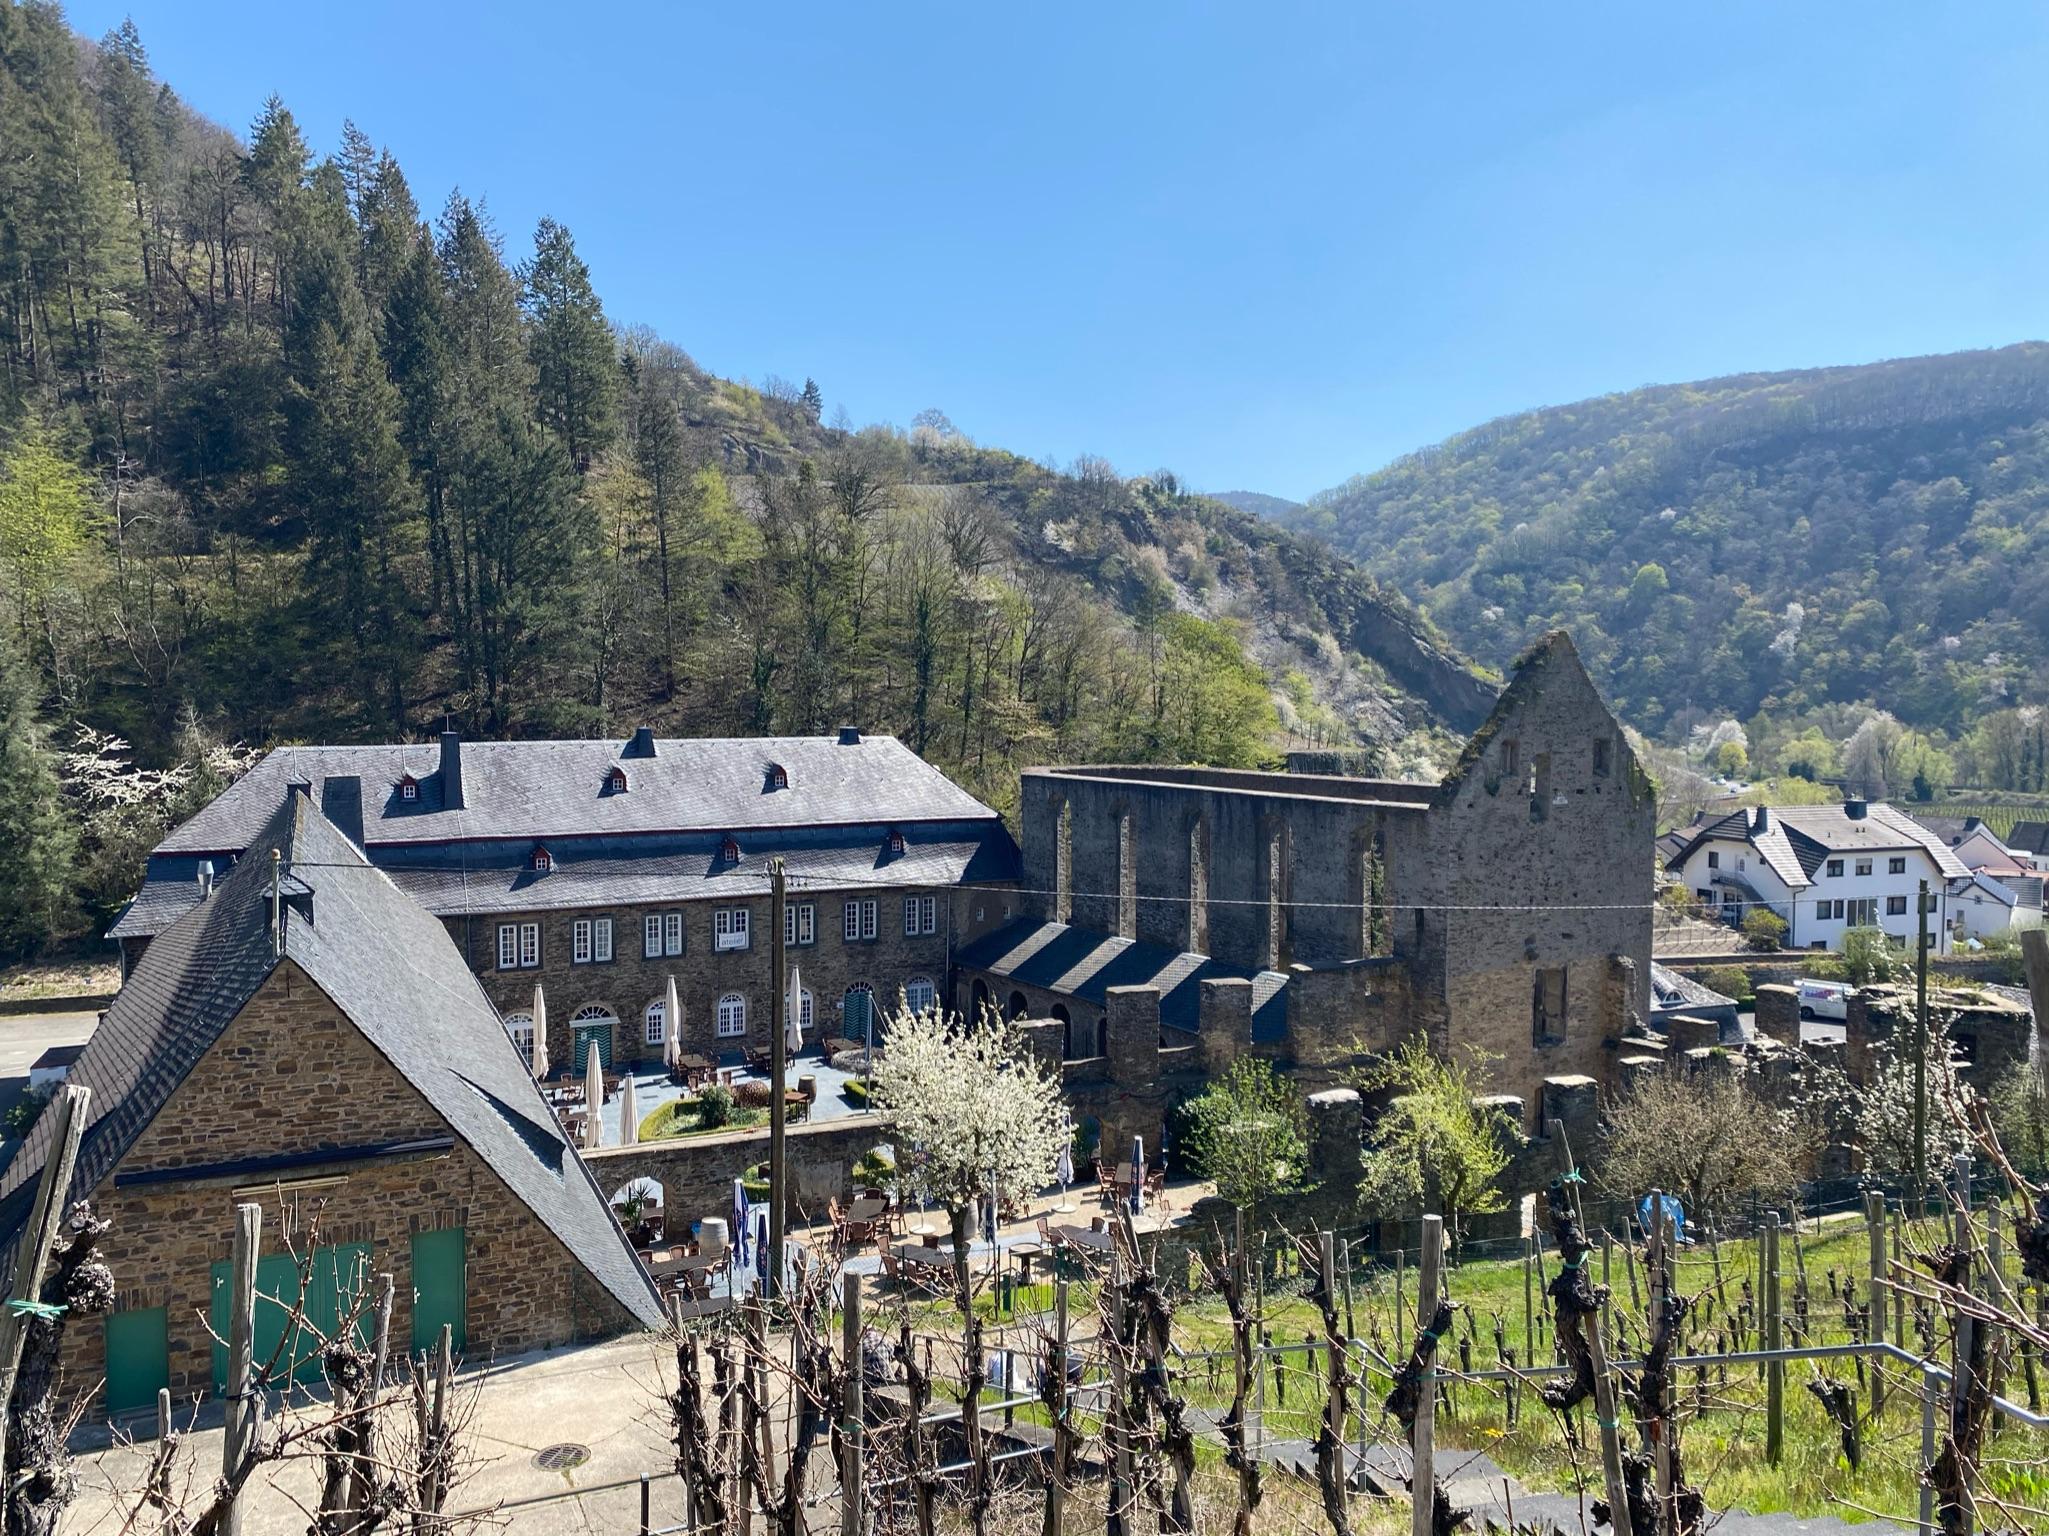 Blick auf das Kloster Marienthal